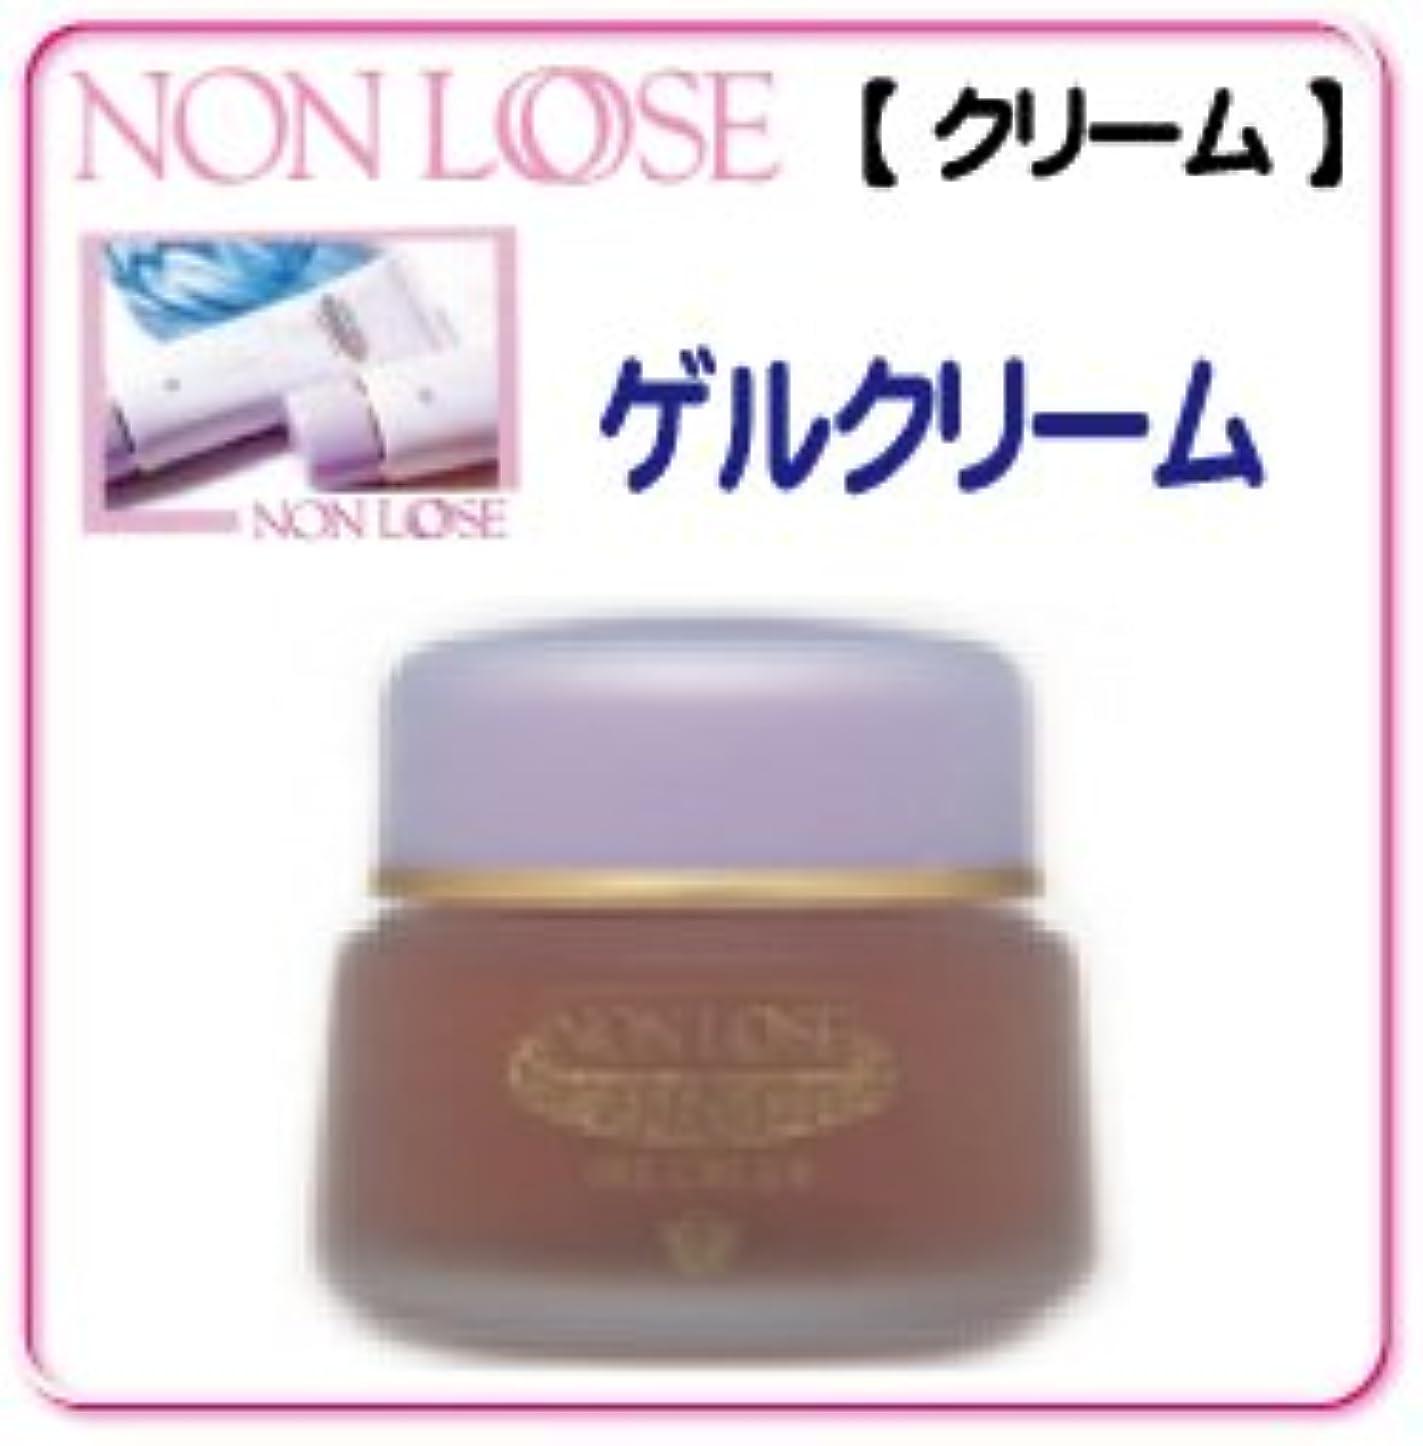 移住するバタートリクルベルマン化粧品:ゲルクリーム(38g)